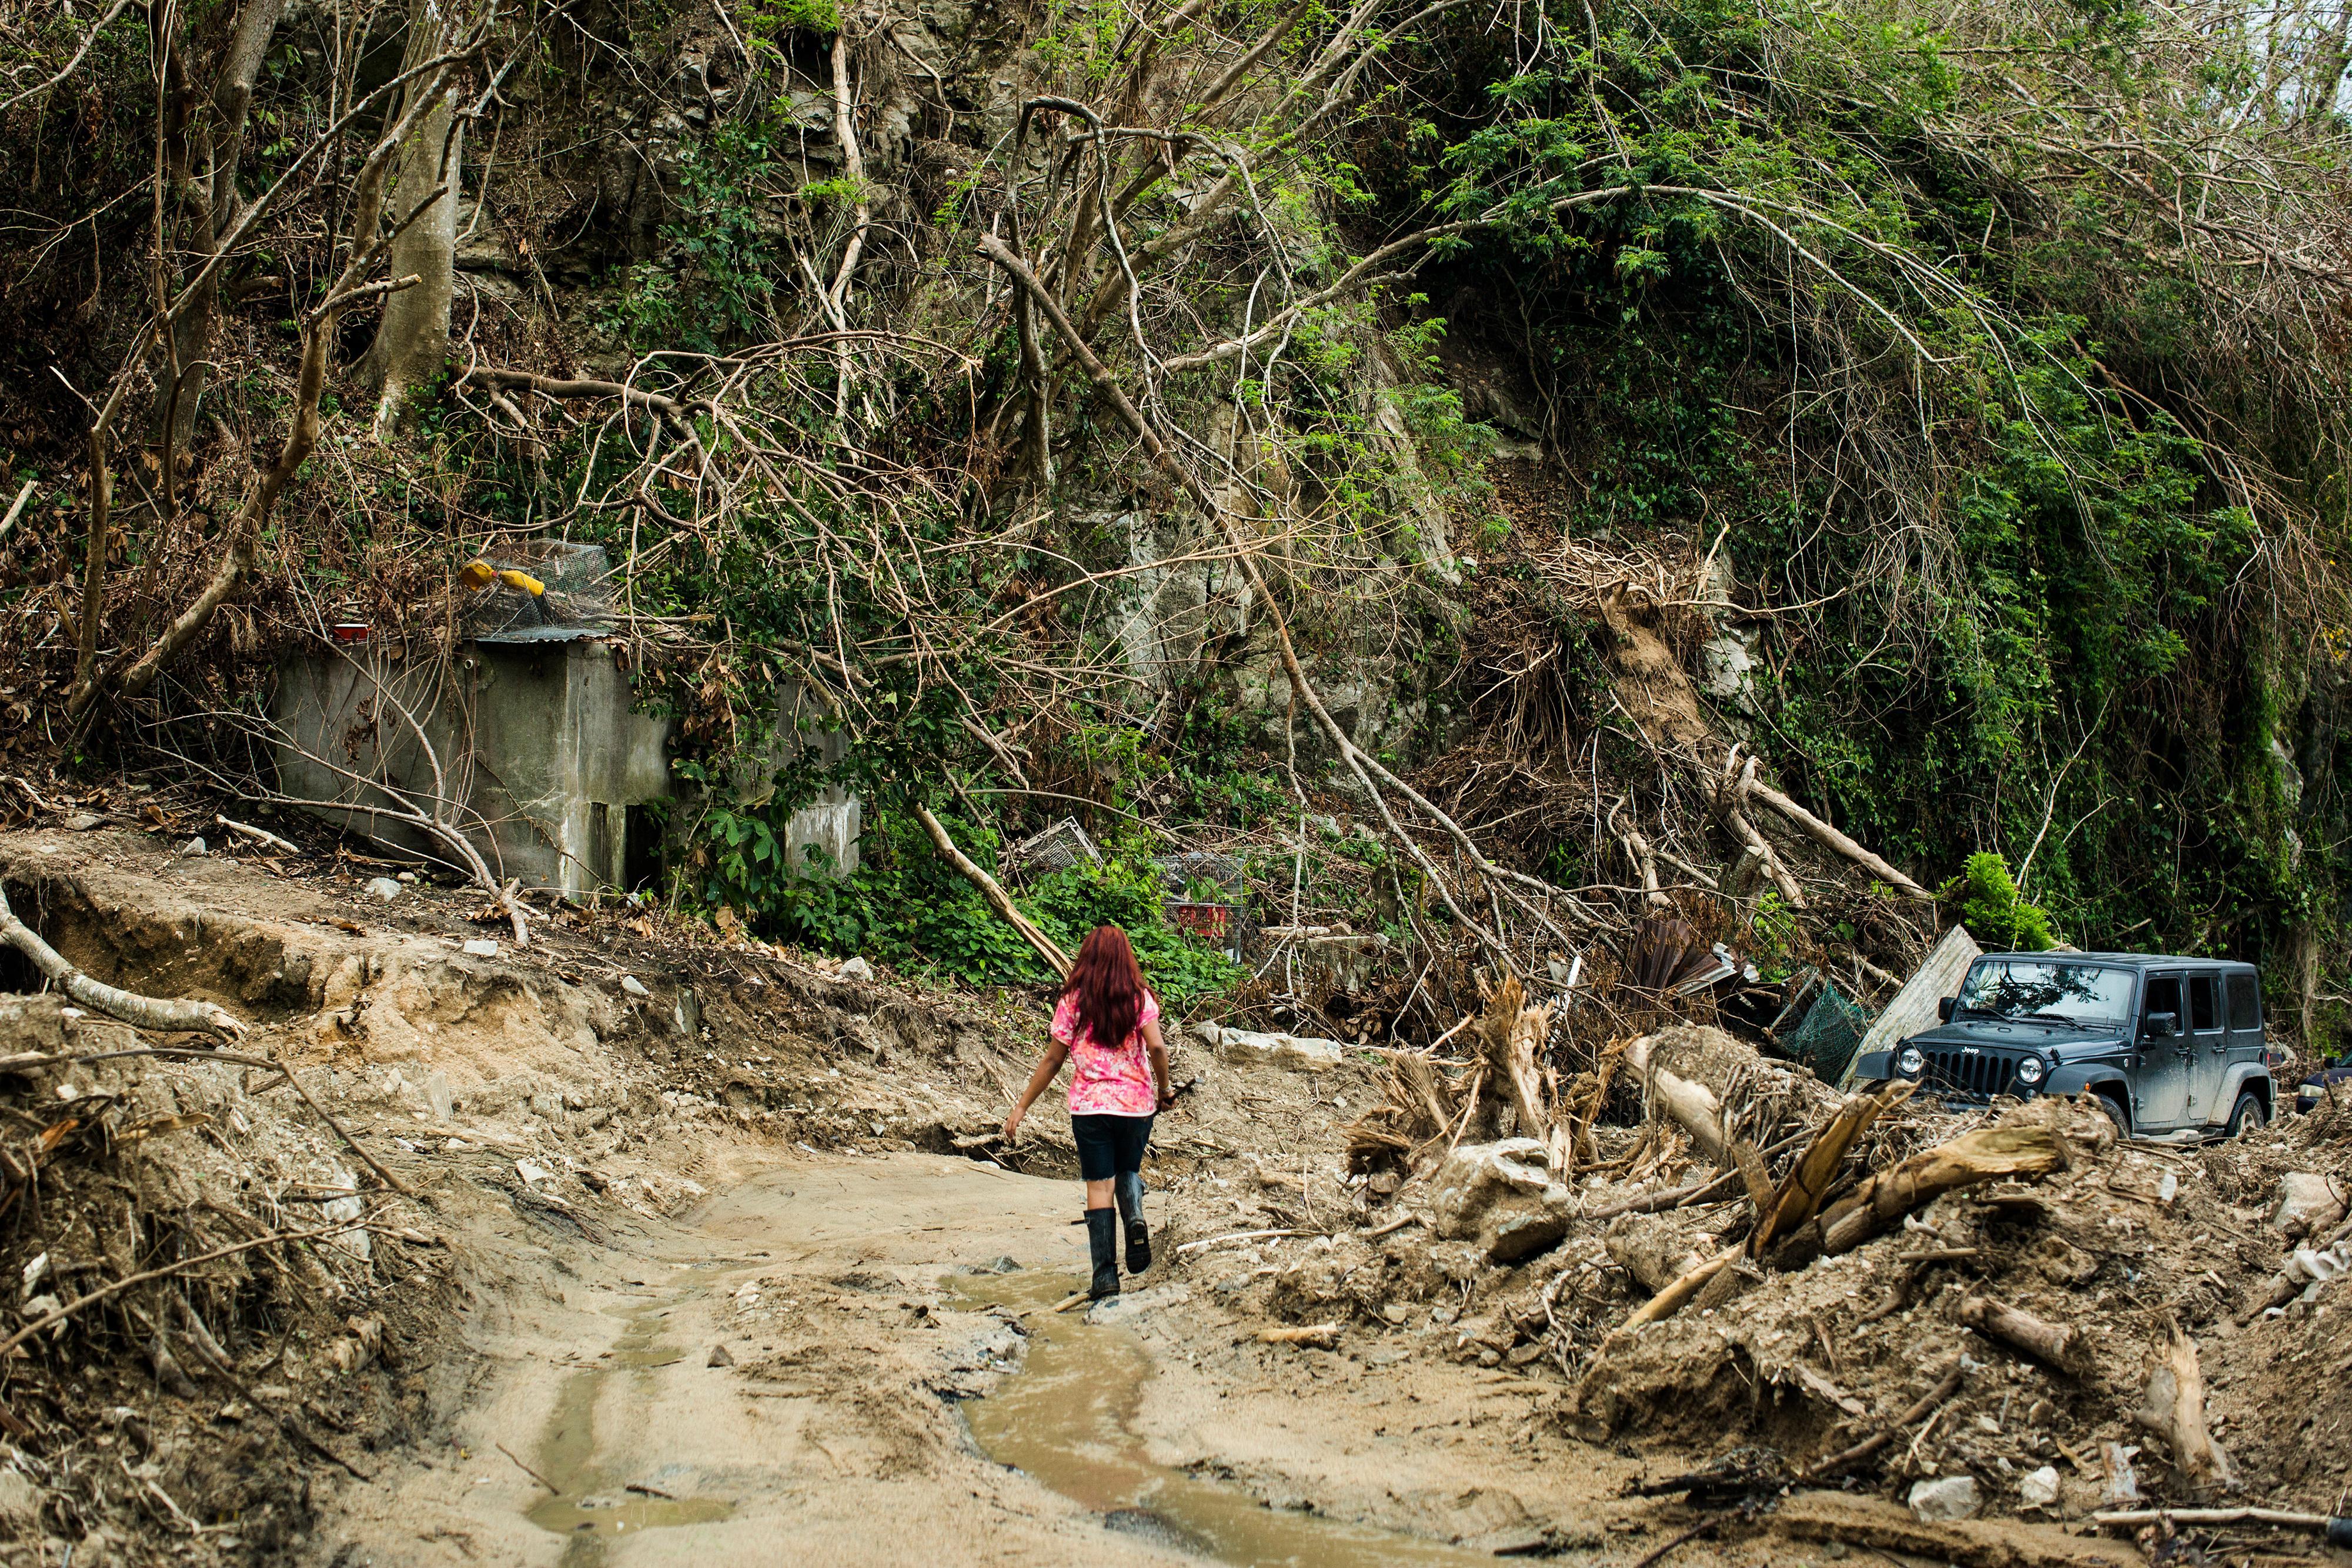 a girl in the mountainous central city of Utuado